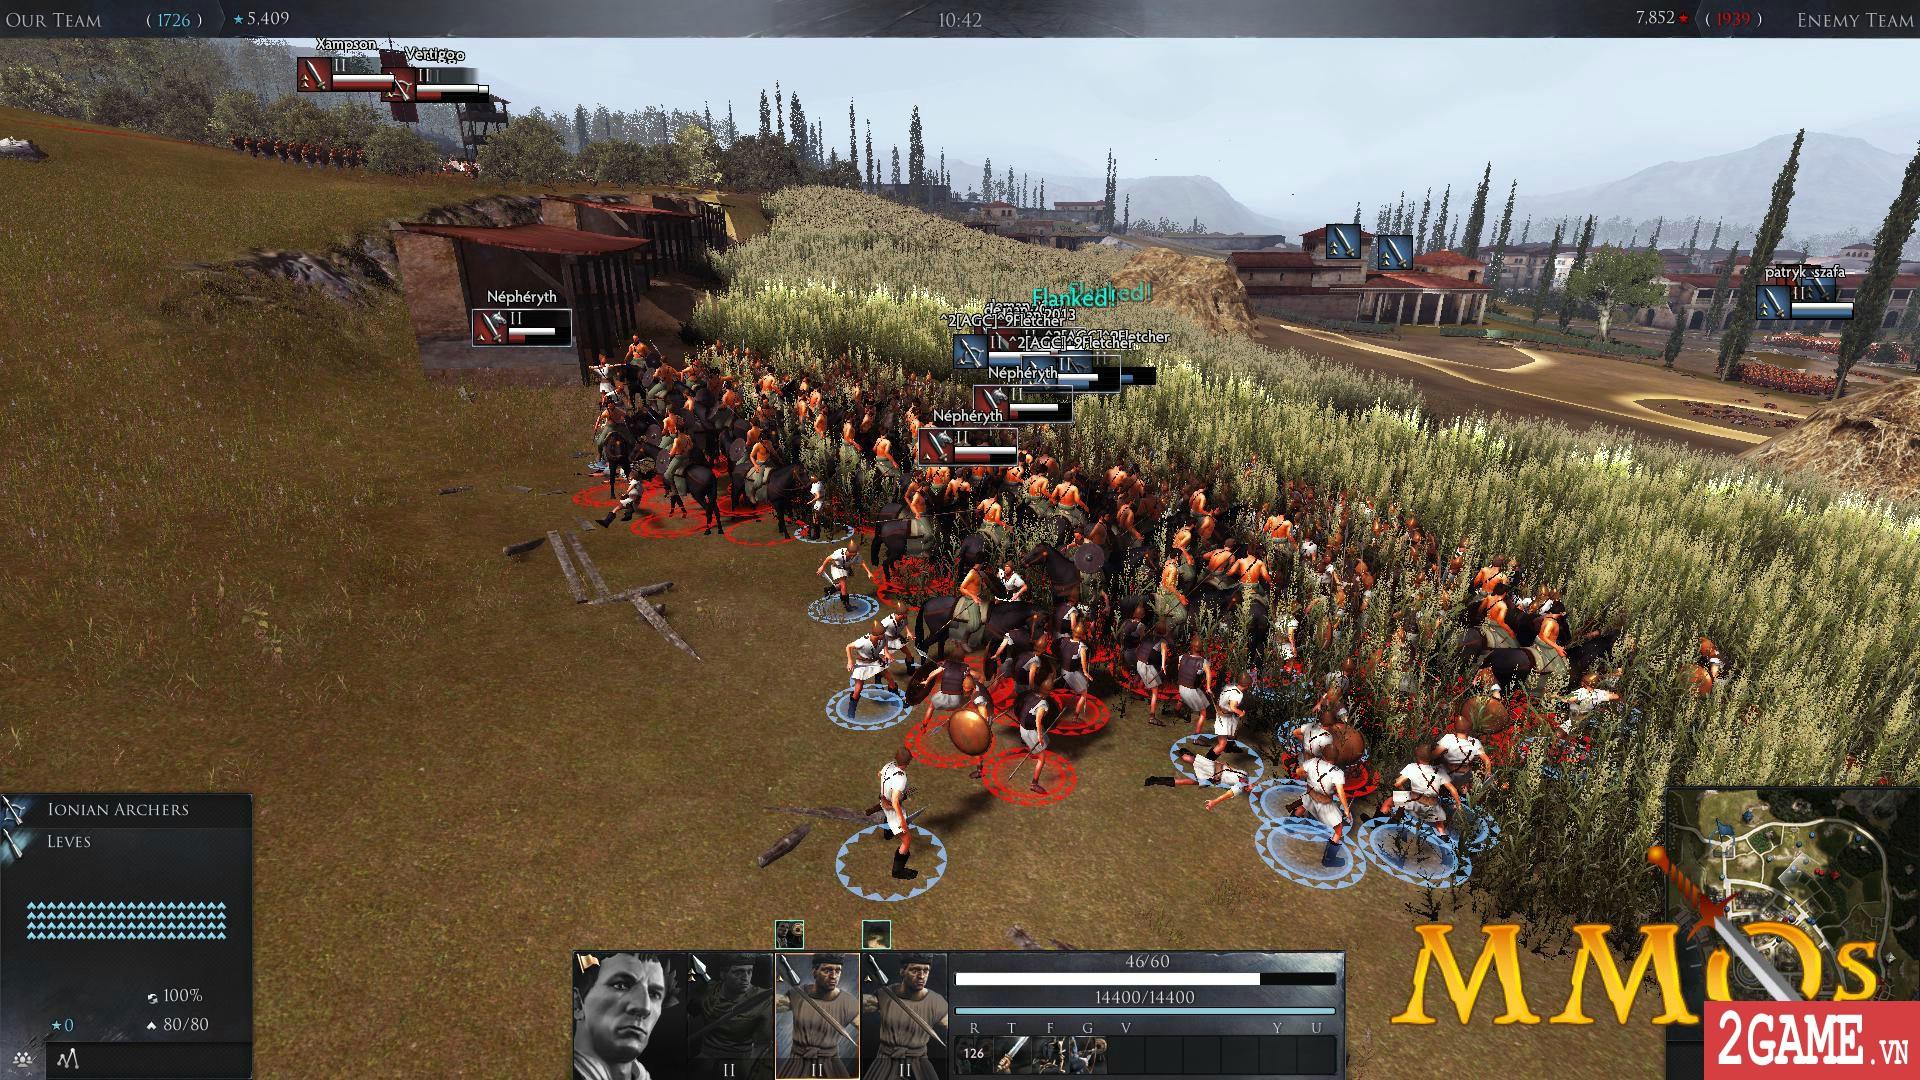 Total War: Arena - Game chiến thuật 3D quy mô bậc nhất trên PC bất ngờ cho chơi miễn phí hoàn toàn 4